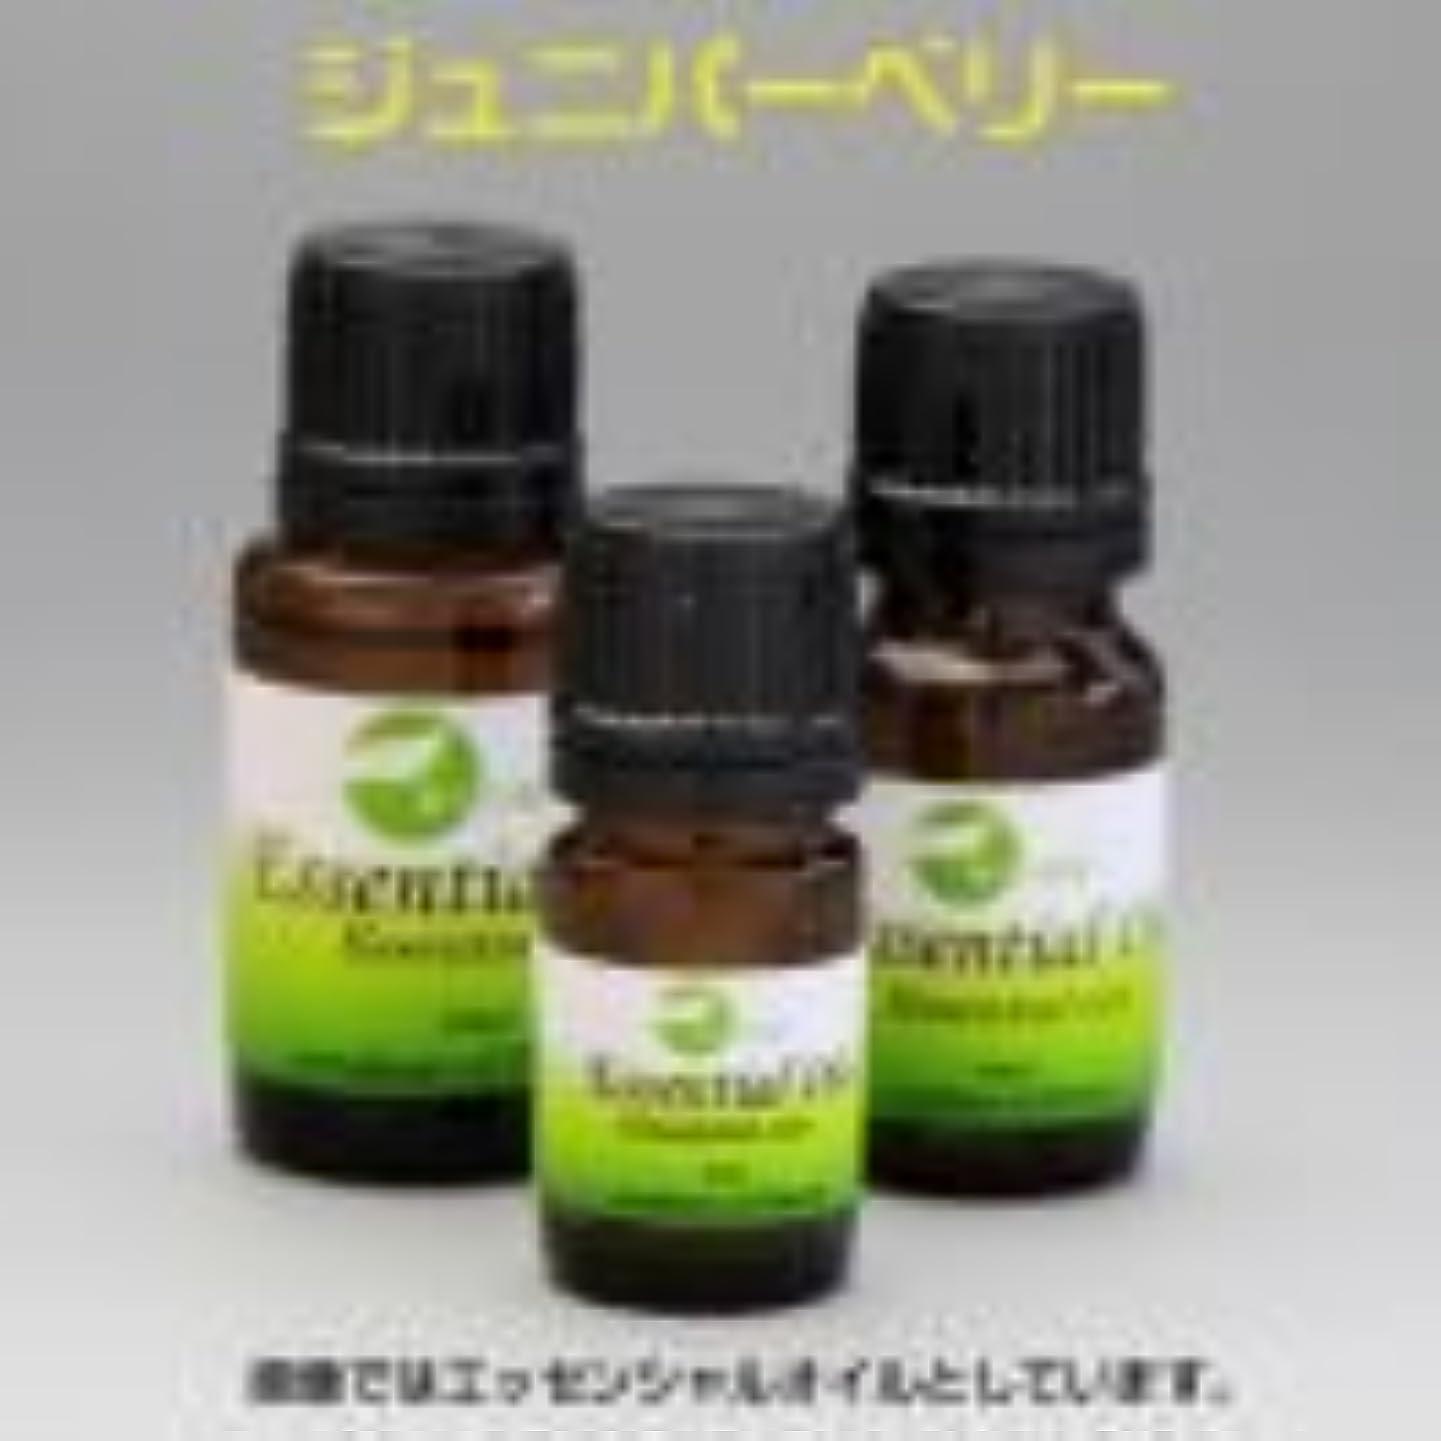 次へ拡散するホイッスル[エッセンシャルオイル] 松の針葉に似たフレッシュな樹脂の香り ジュニパーベリー 5ml